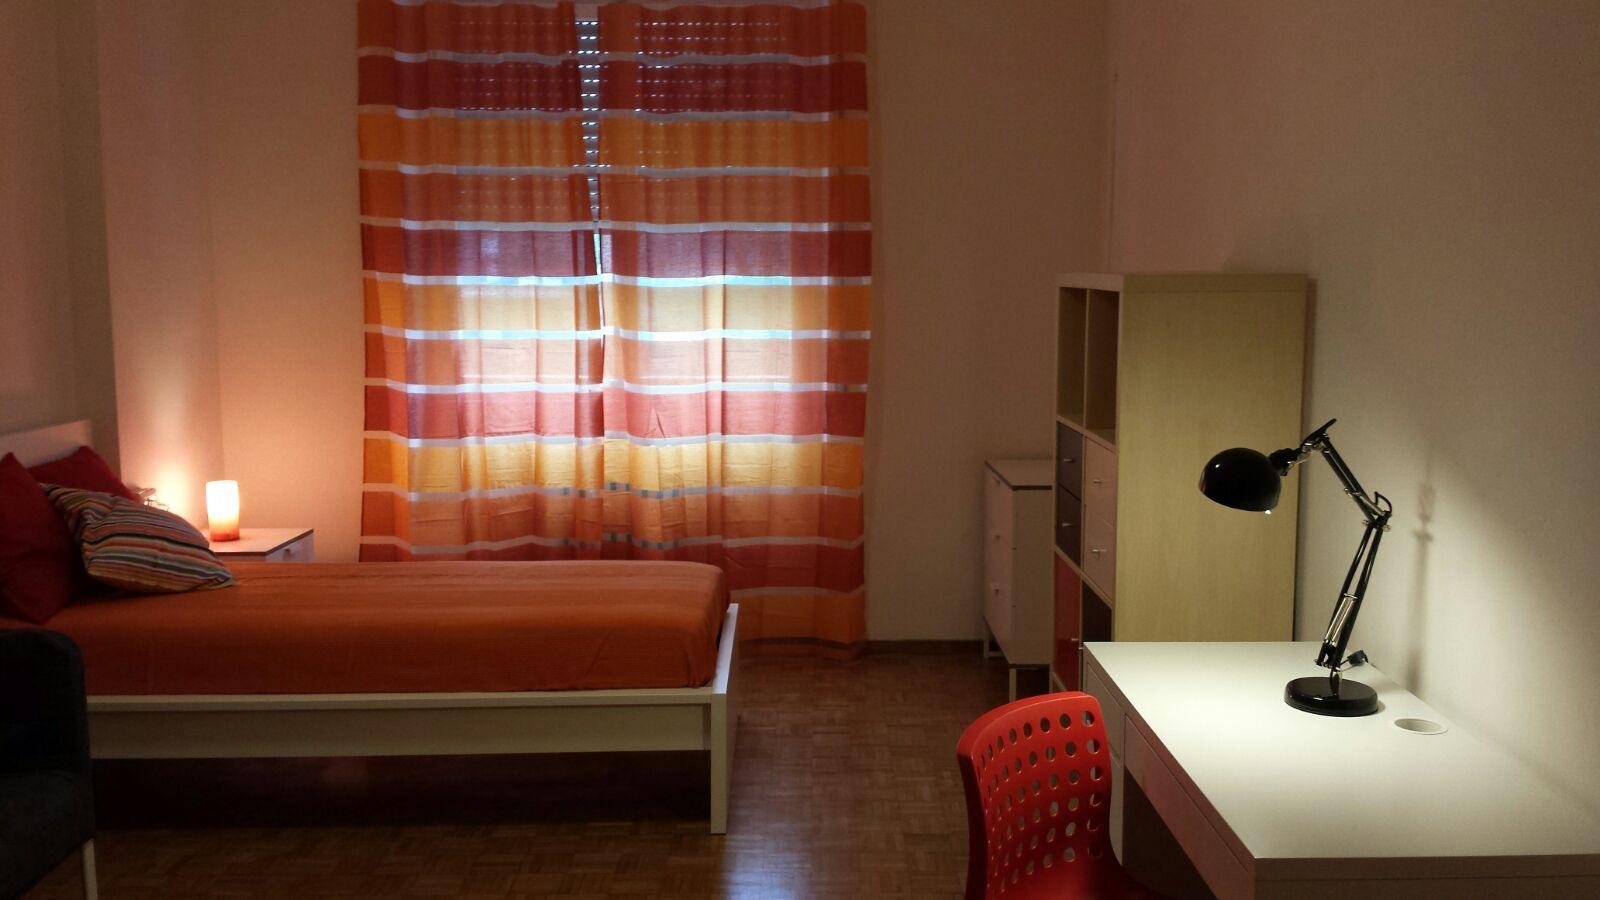 Stanza singola libera subito a monza - Stanza con bagno privato roma ...